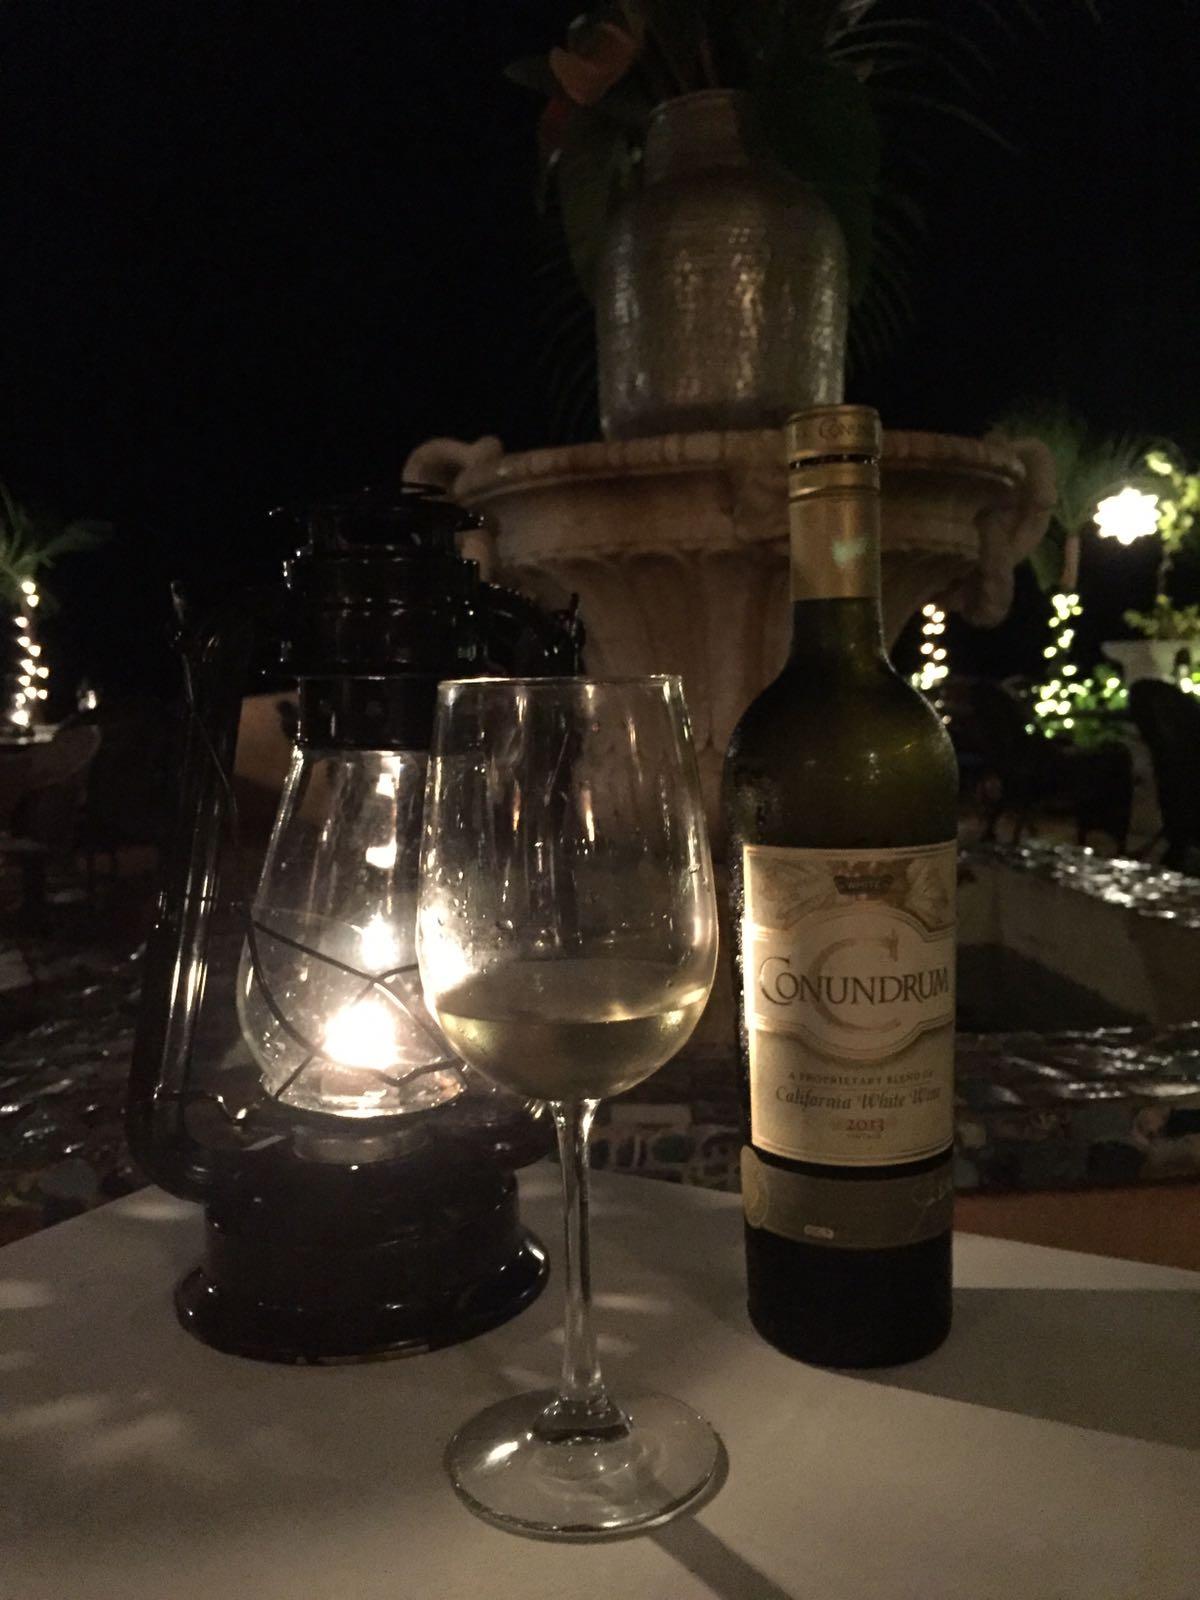 conundrum-wine-cafe-luna-barbados